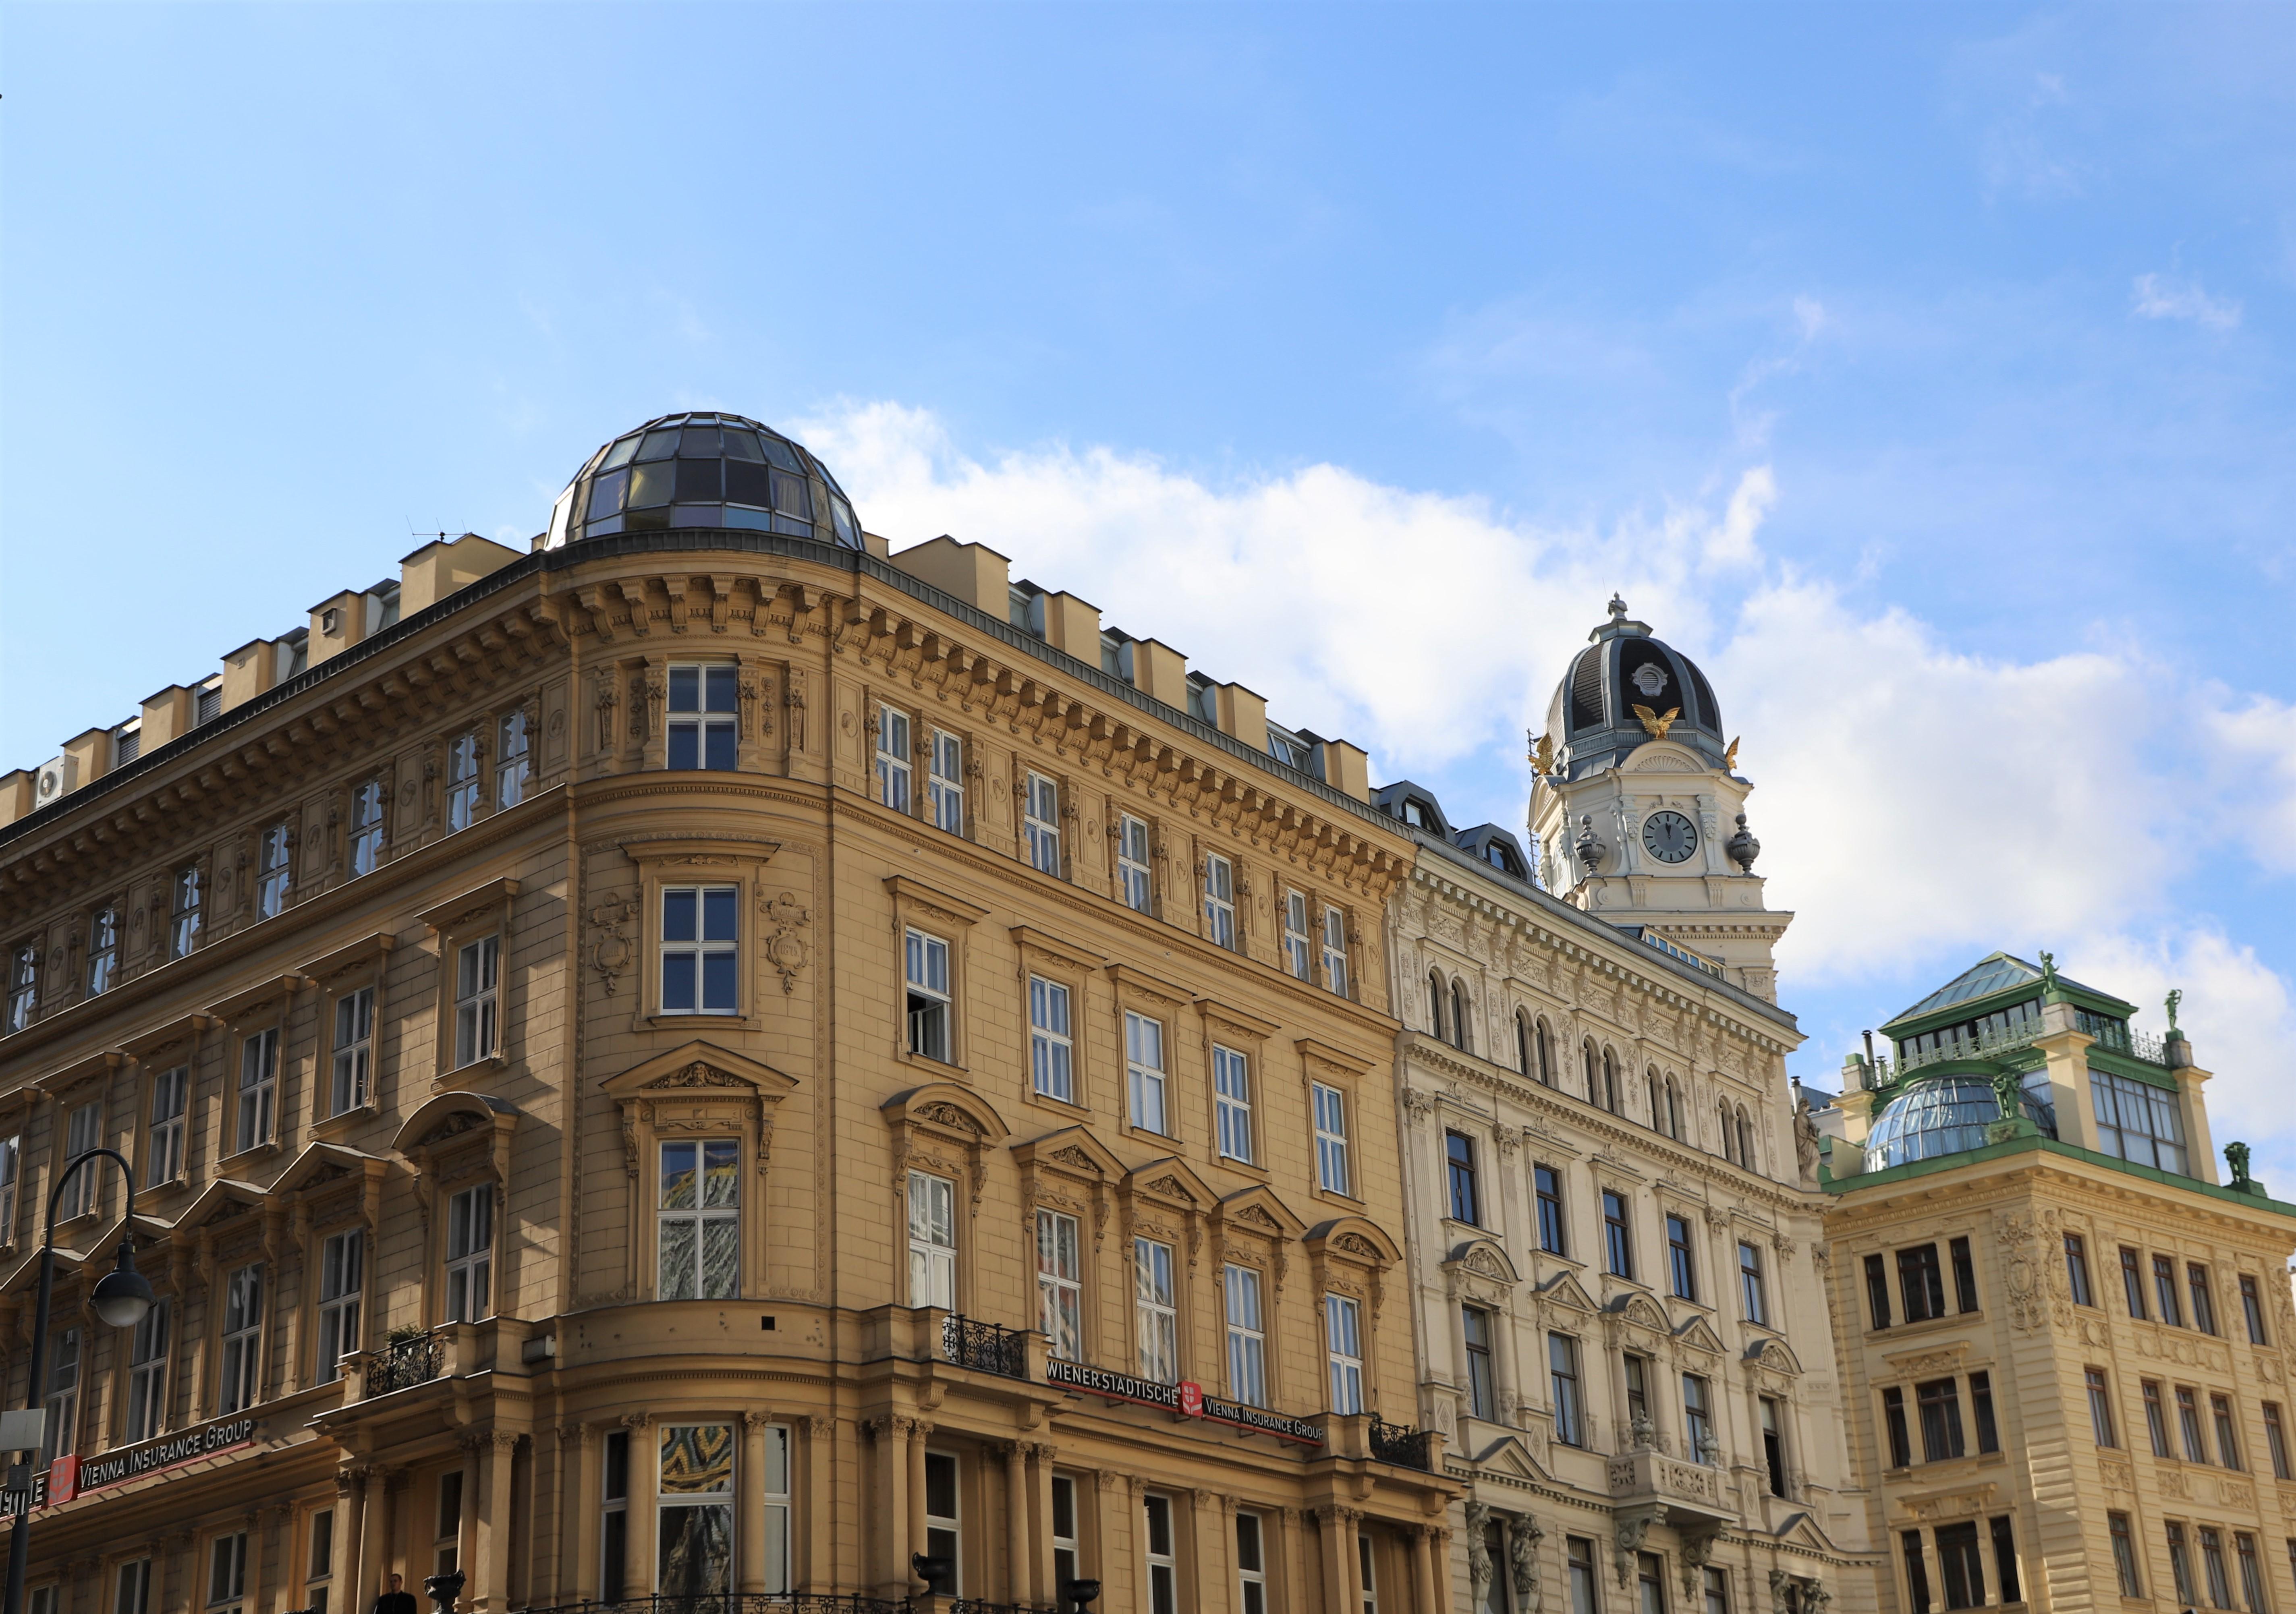 dunkle wolken frankfurter immobilienmarkt bilder kostenlos lizenzfrei Bild Copyrightfrei